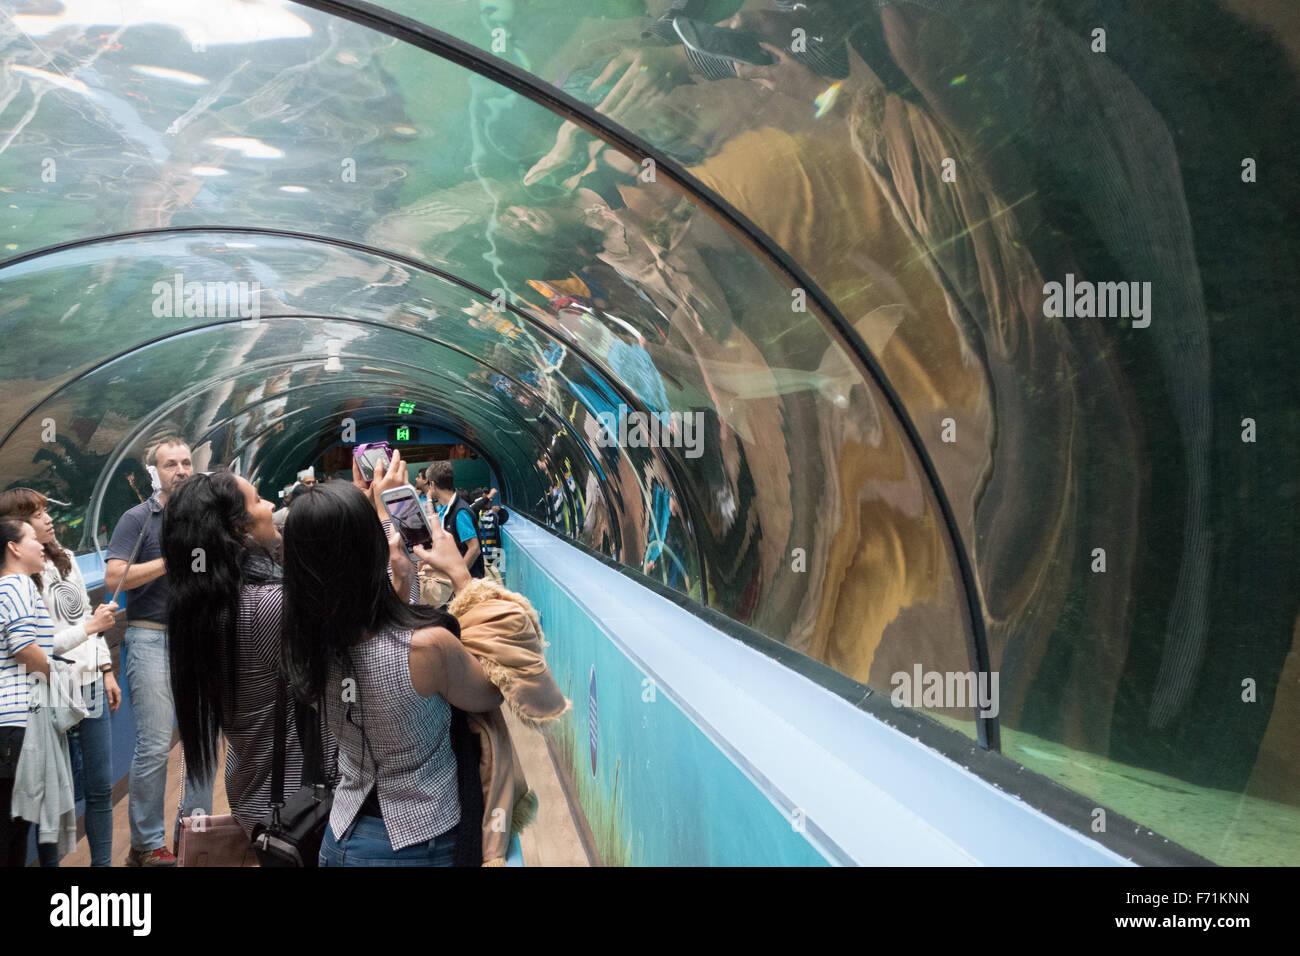 sea life sydney aquarium interior - Stock Image